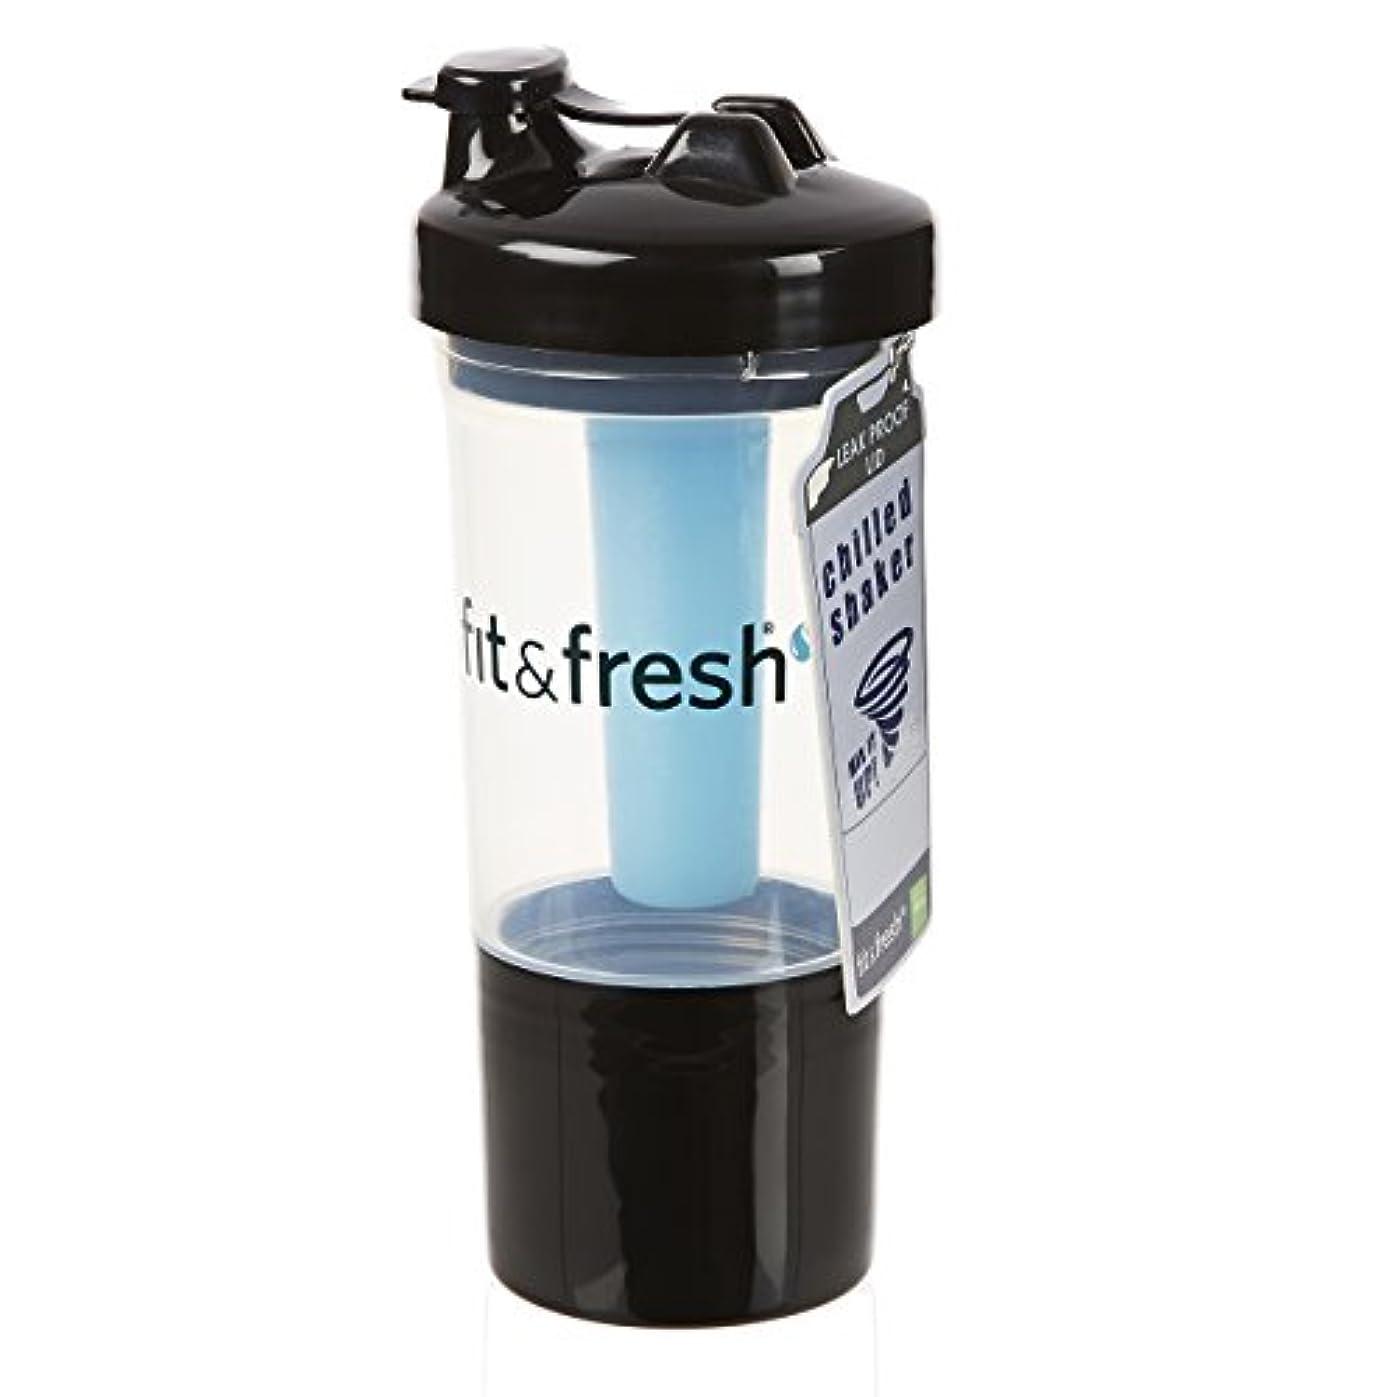 価格記念碑理論的Fit & Fresh, CleanTek, Shaker Cup with Ice Wand Agitator & Storage Cup, 1 Cup